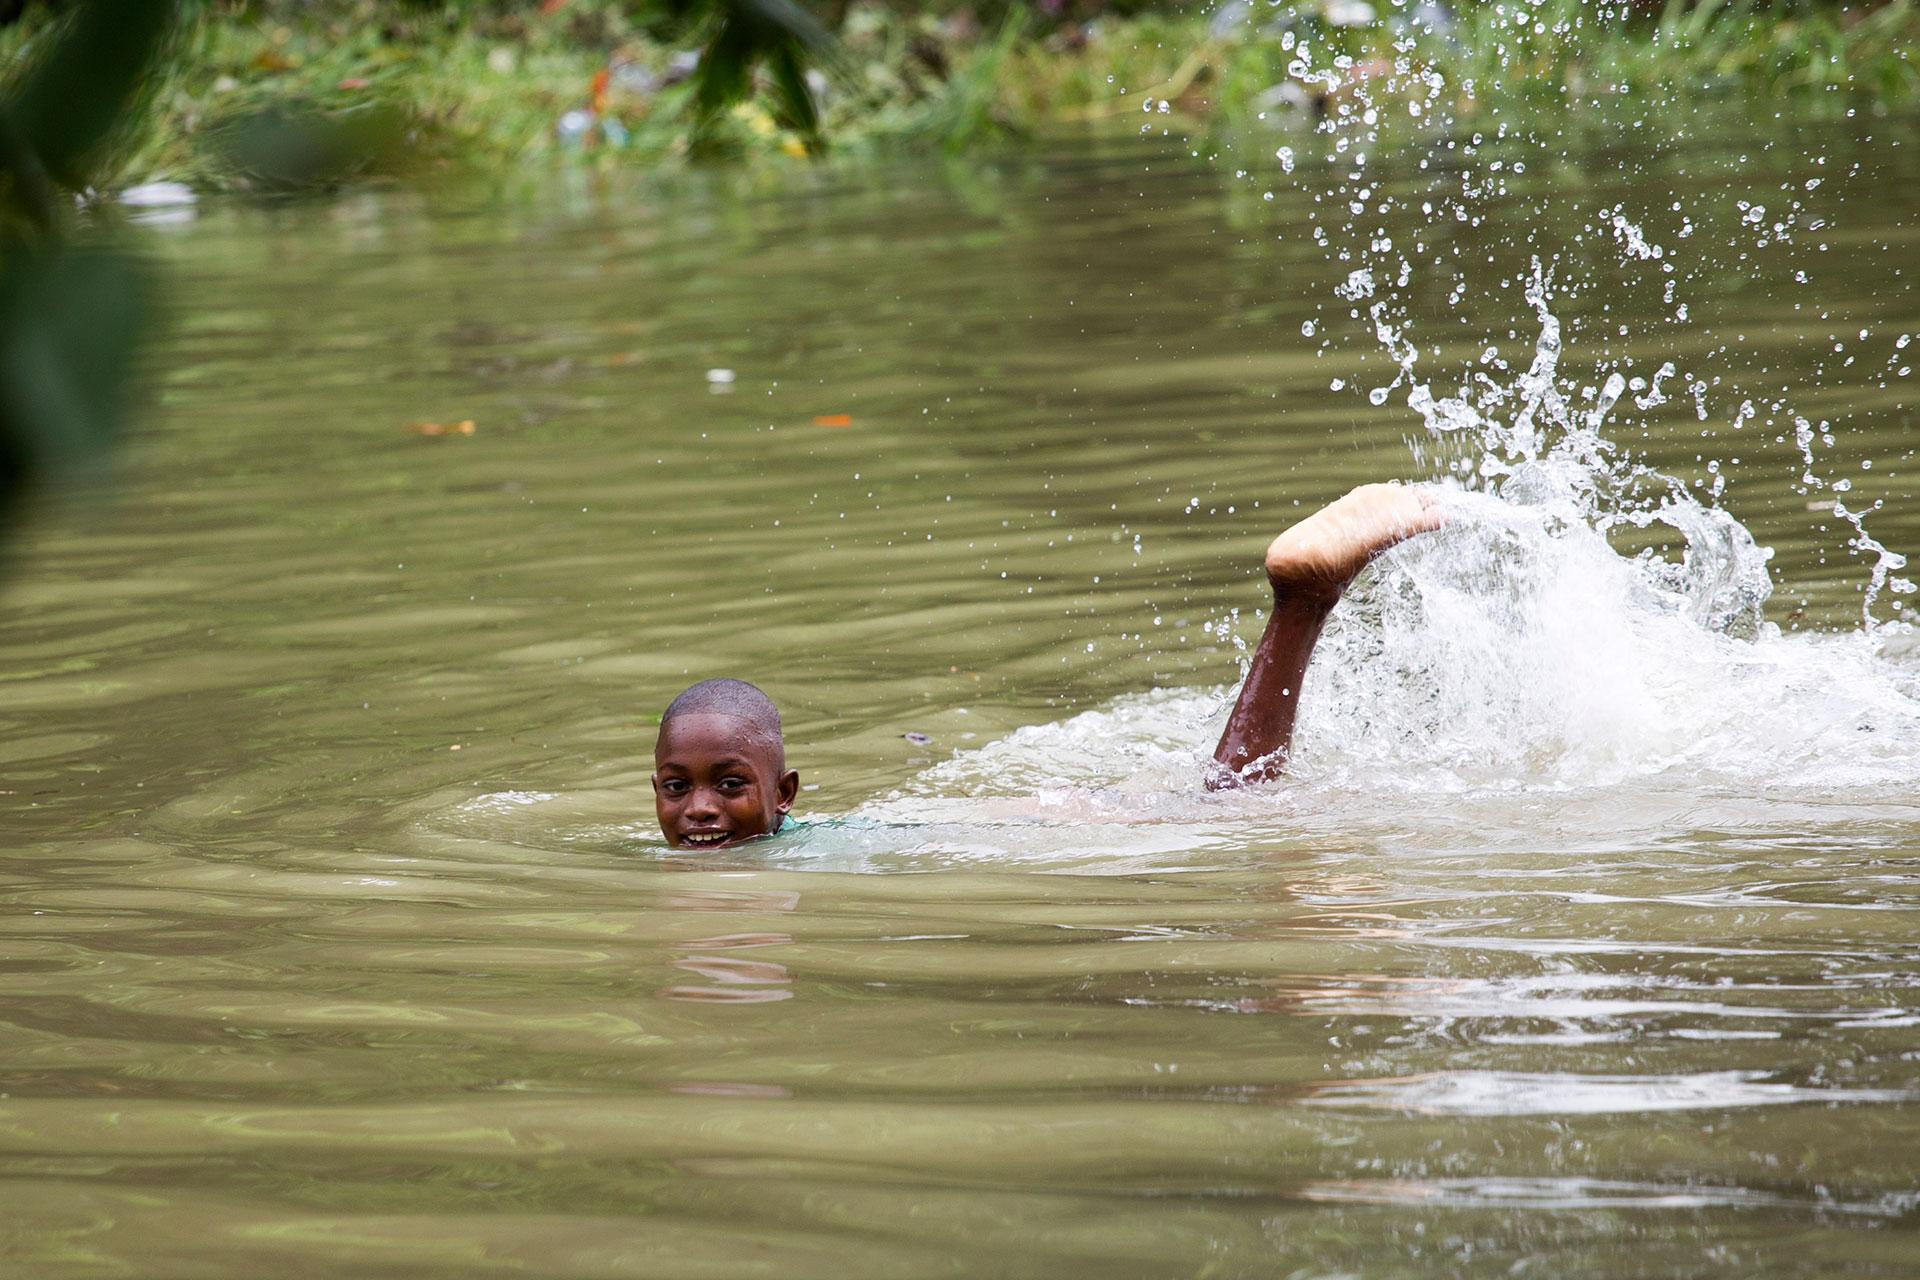 Un nió en Haití sonríe mientras nada en plena inundación (AFP)